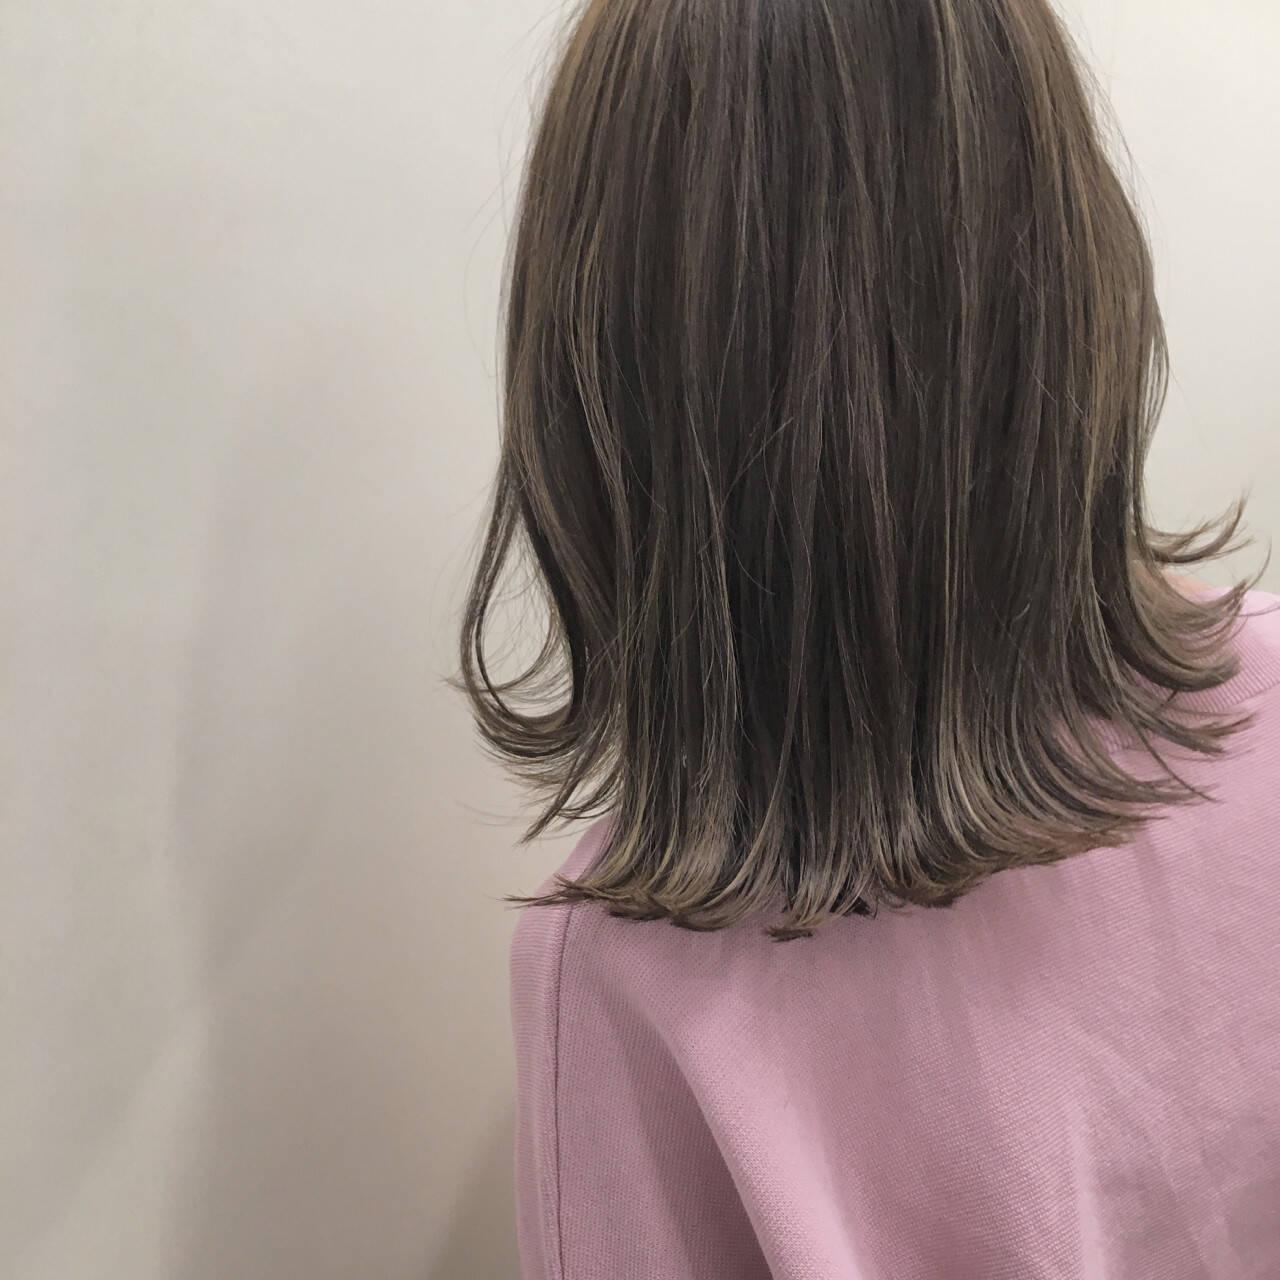 切りっぱなし セミロング ナチュラル ボブヘアスタイルや髪型の写真・画像